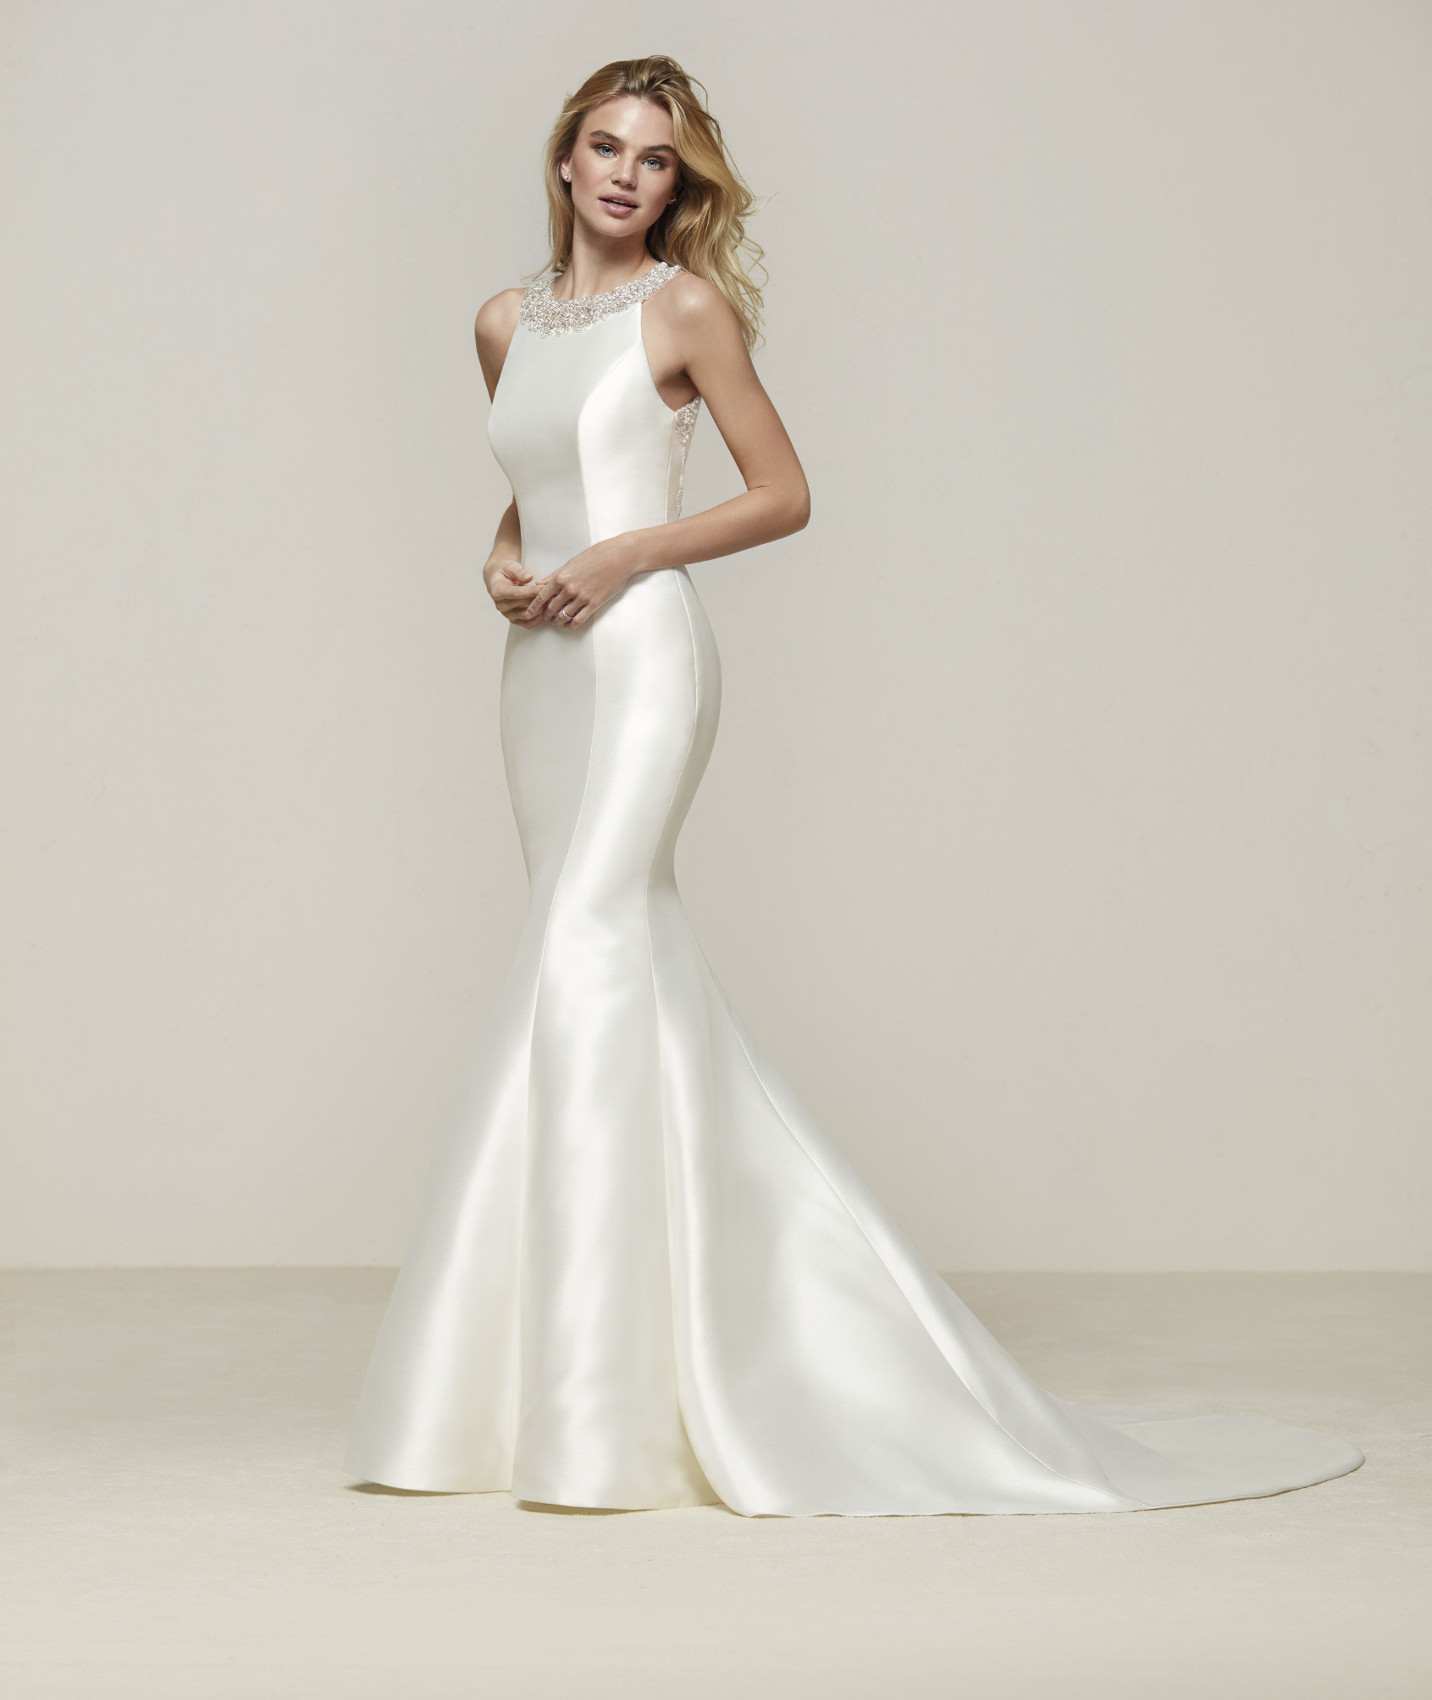 Drupa vestuvinė suknelė